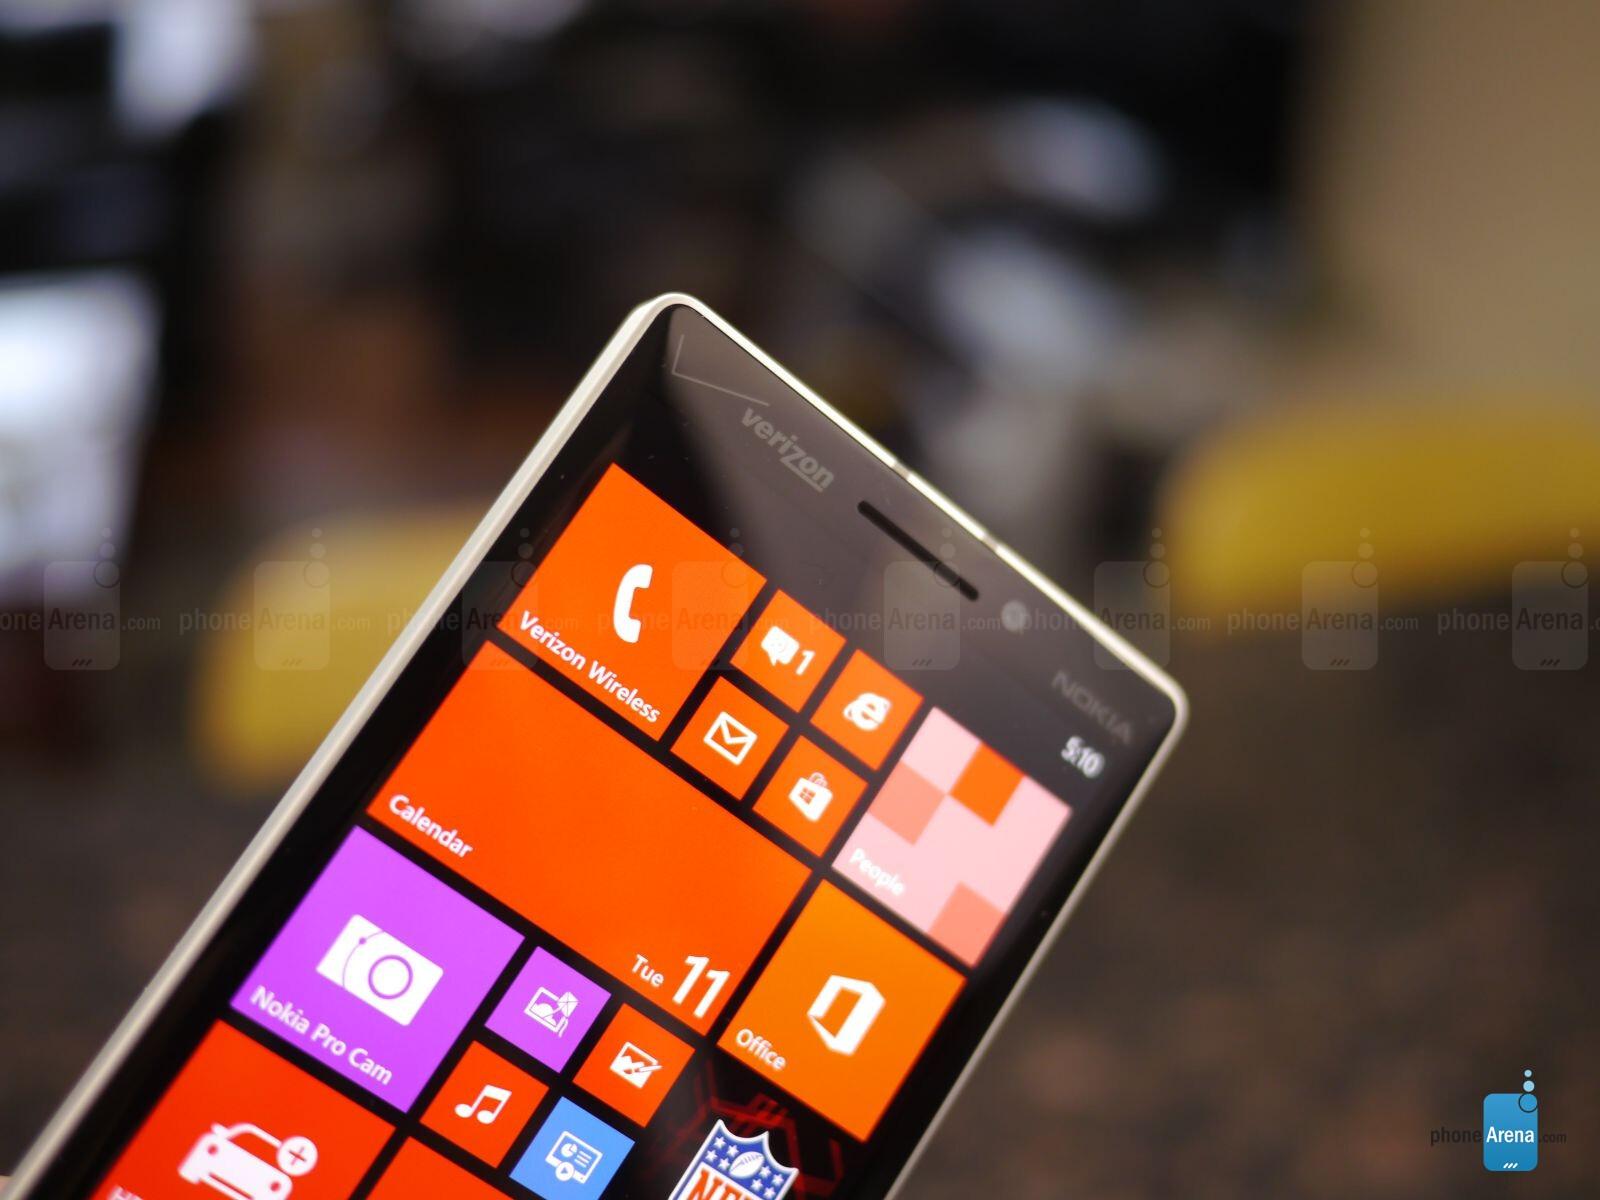 Как сделать скриншот в Nokia Lumia - подробная 38